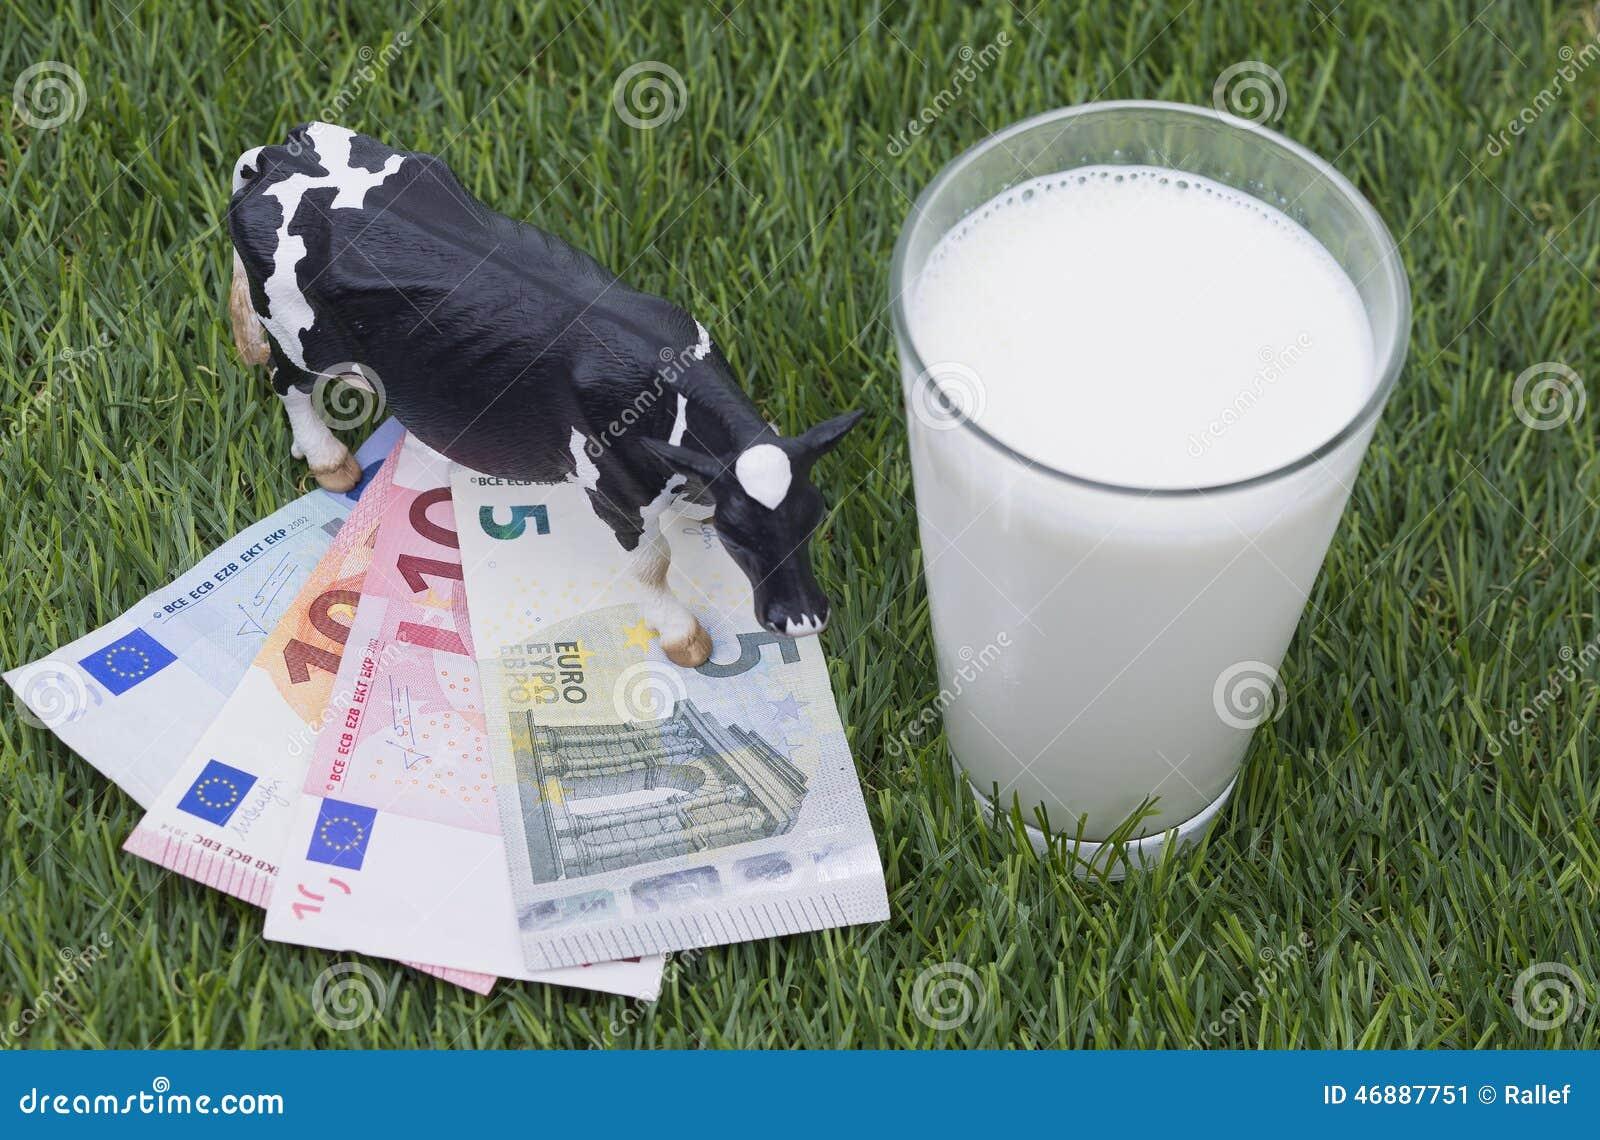 Cow, mild, money and gras